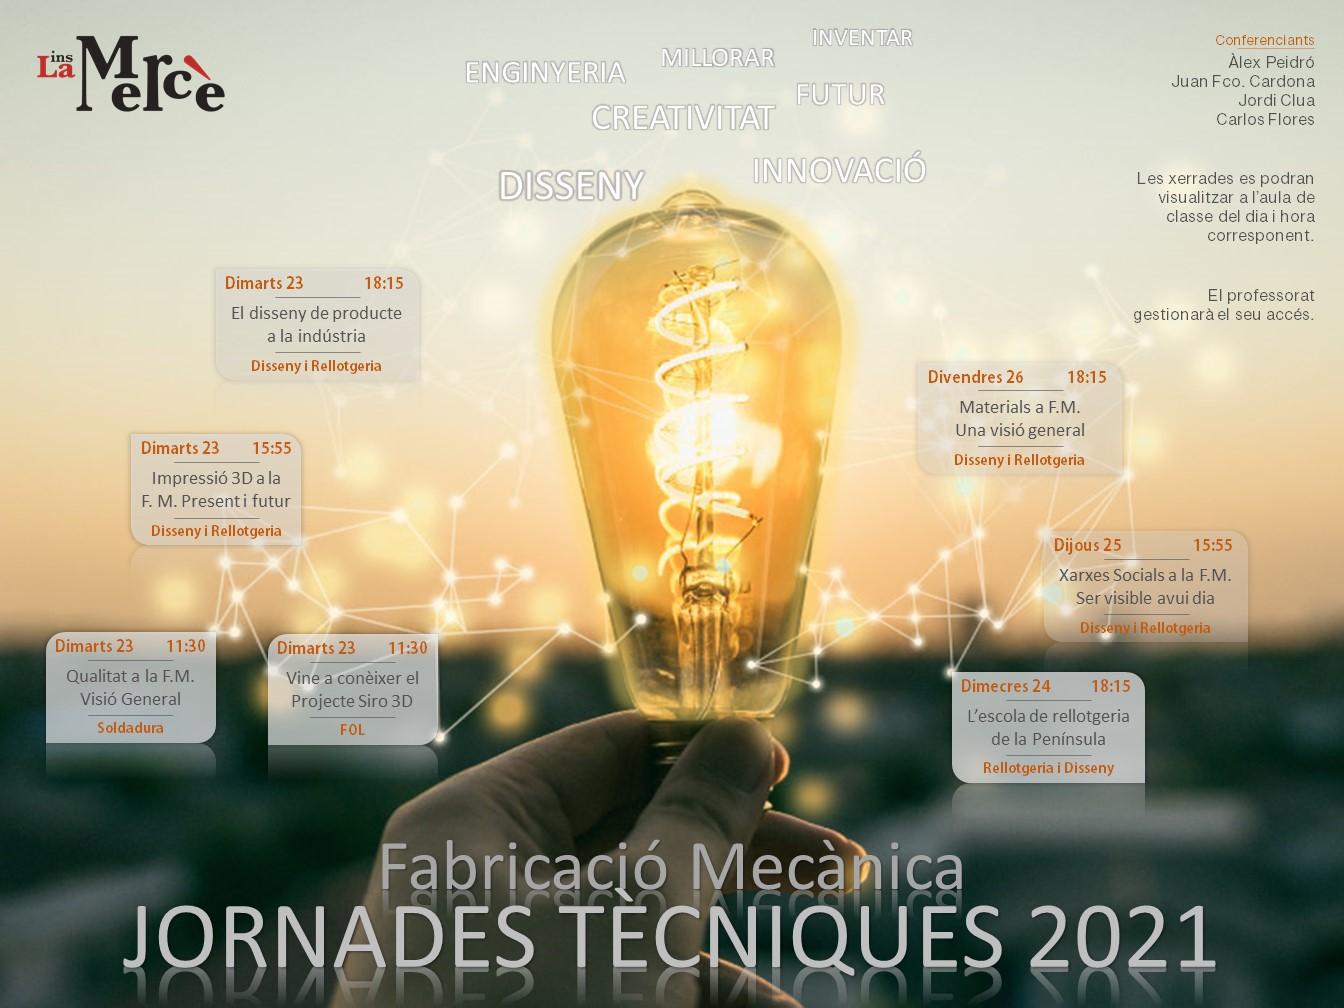 Jornades Tècniques 2021 – Dpt. Fabricació Mecànica